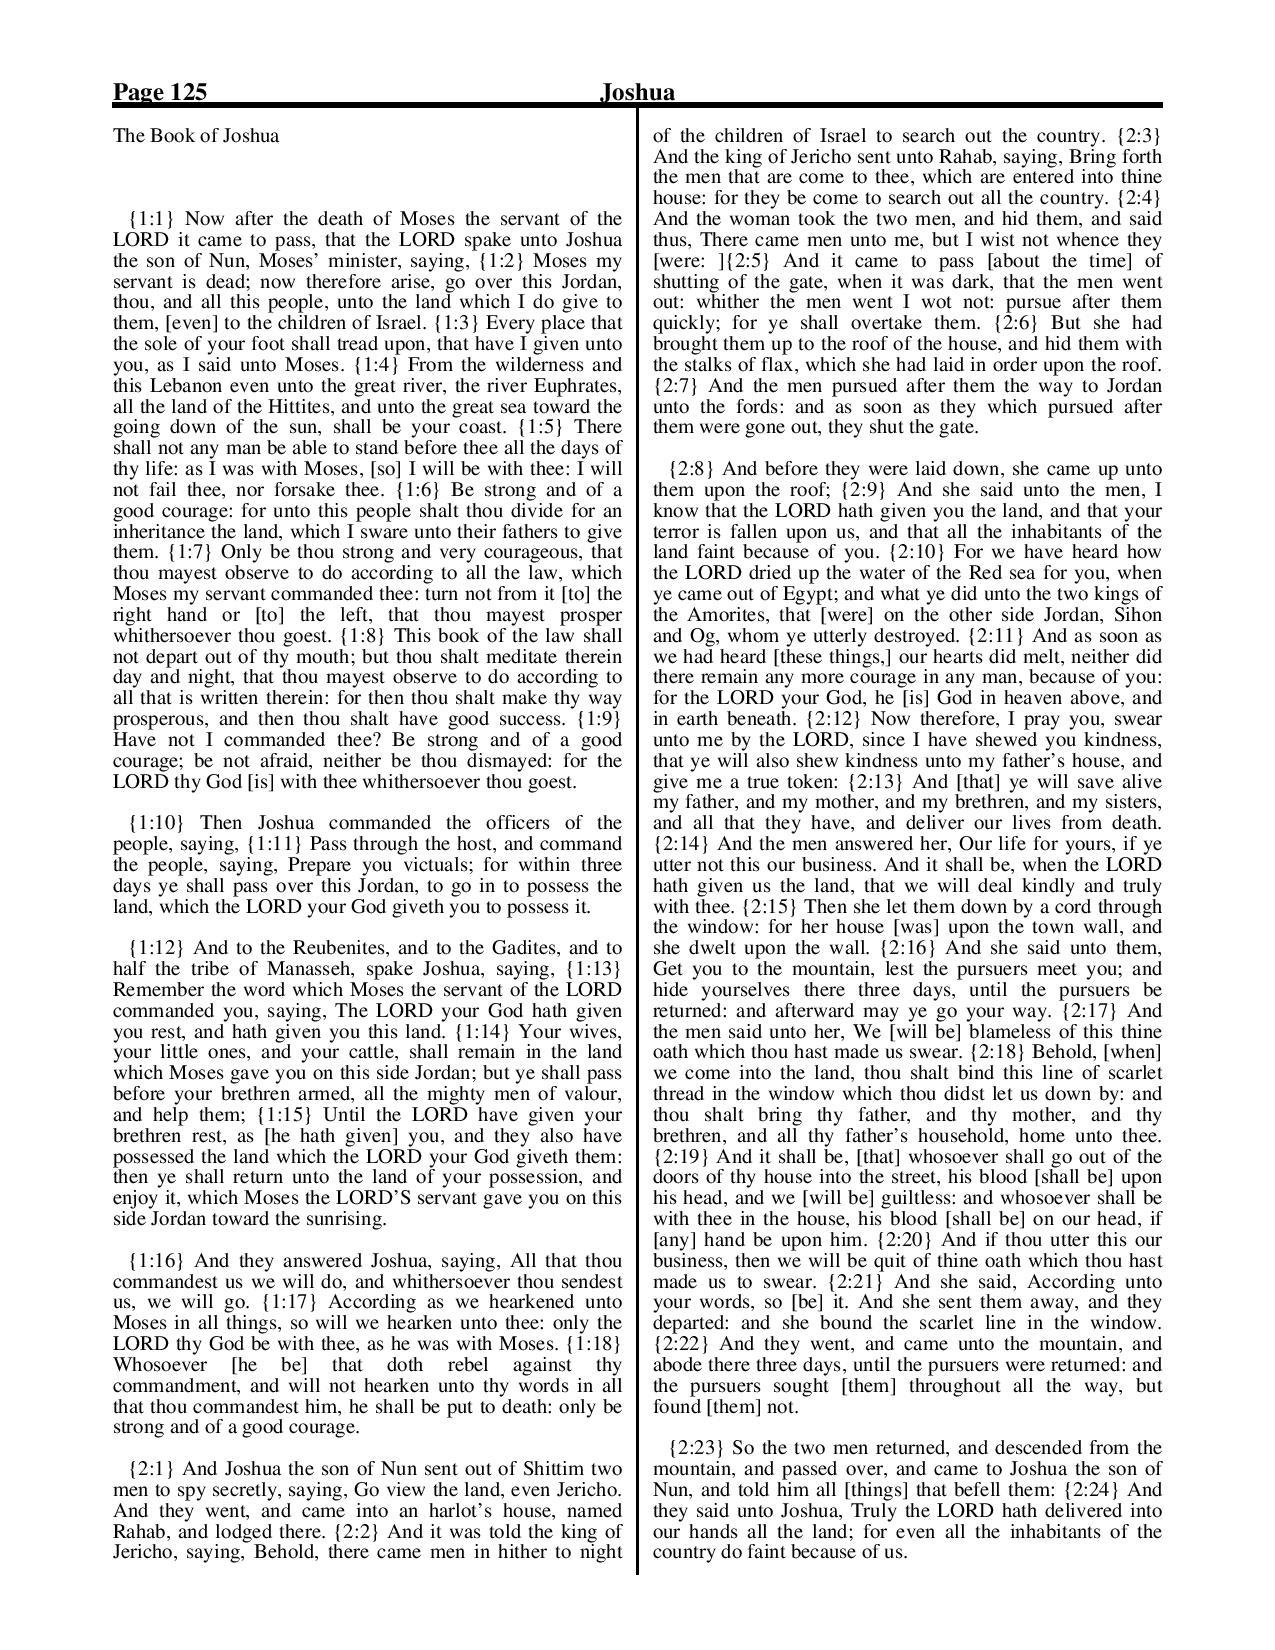 King-James-Bible-KJV-Bible-PDF-page-146